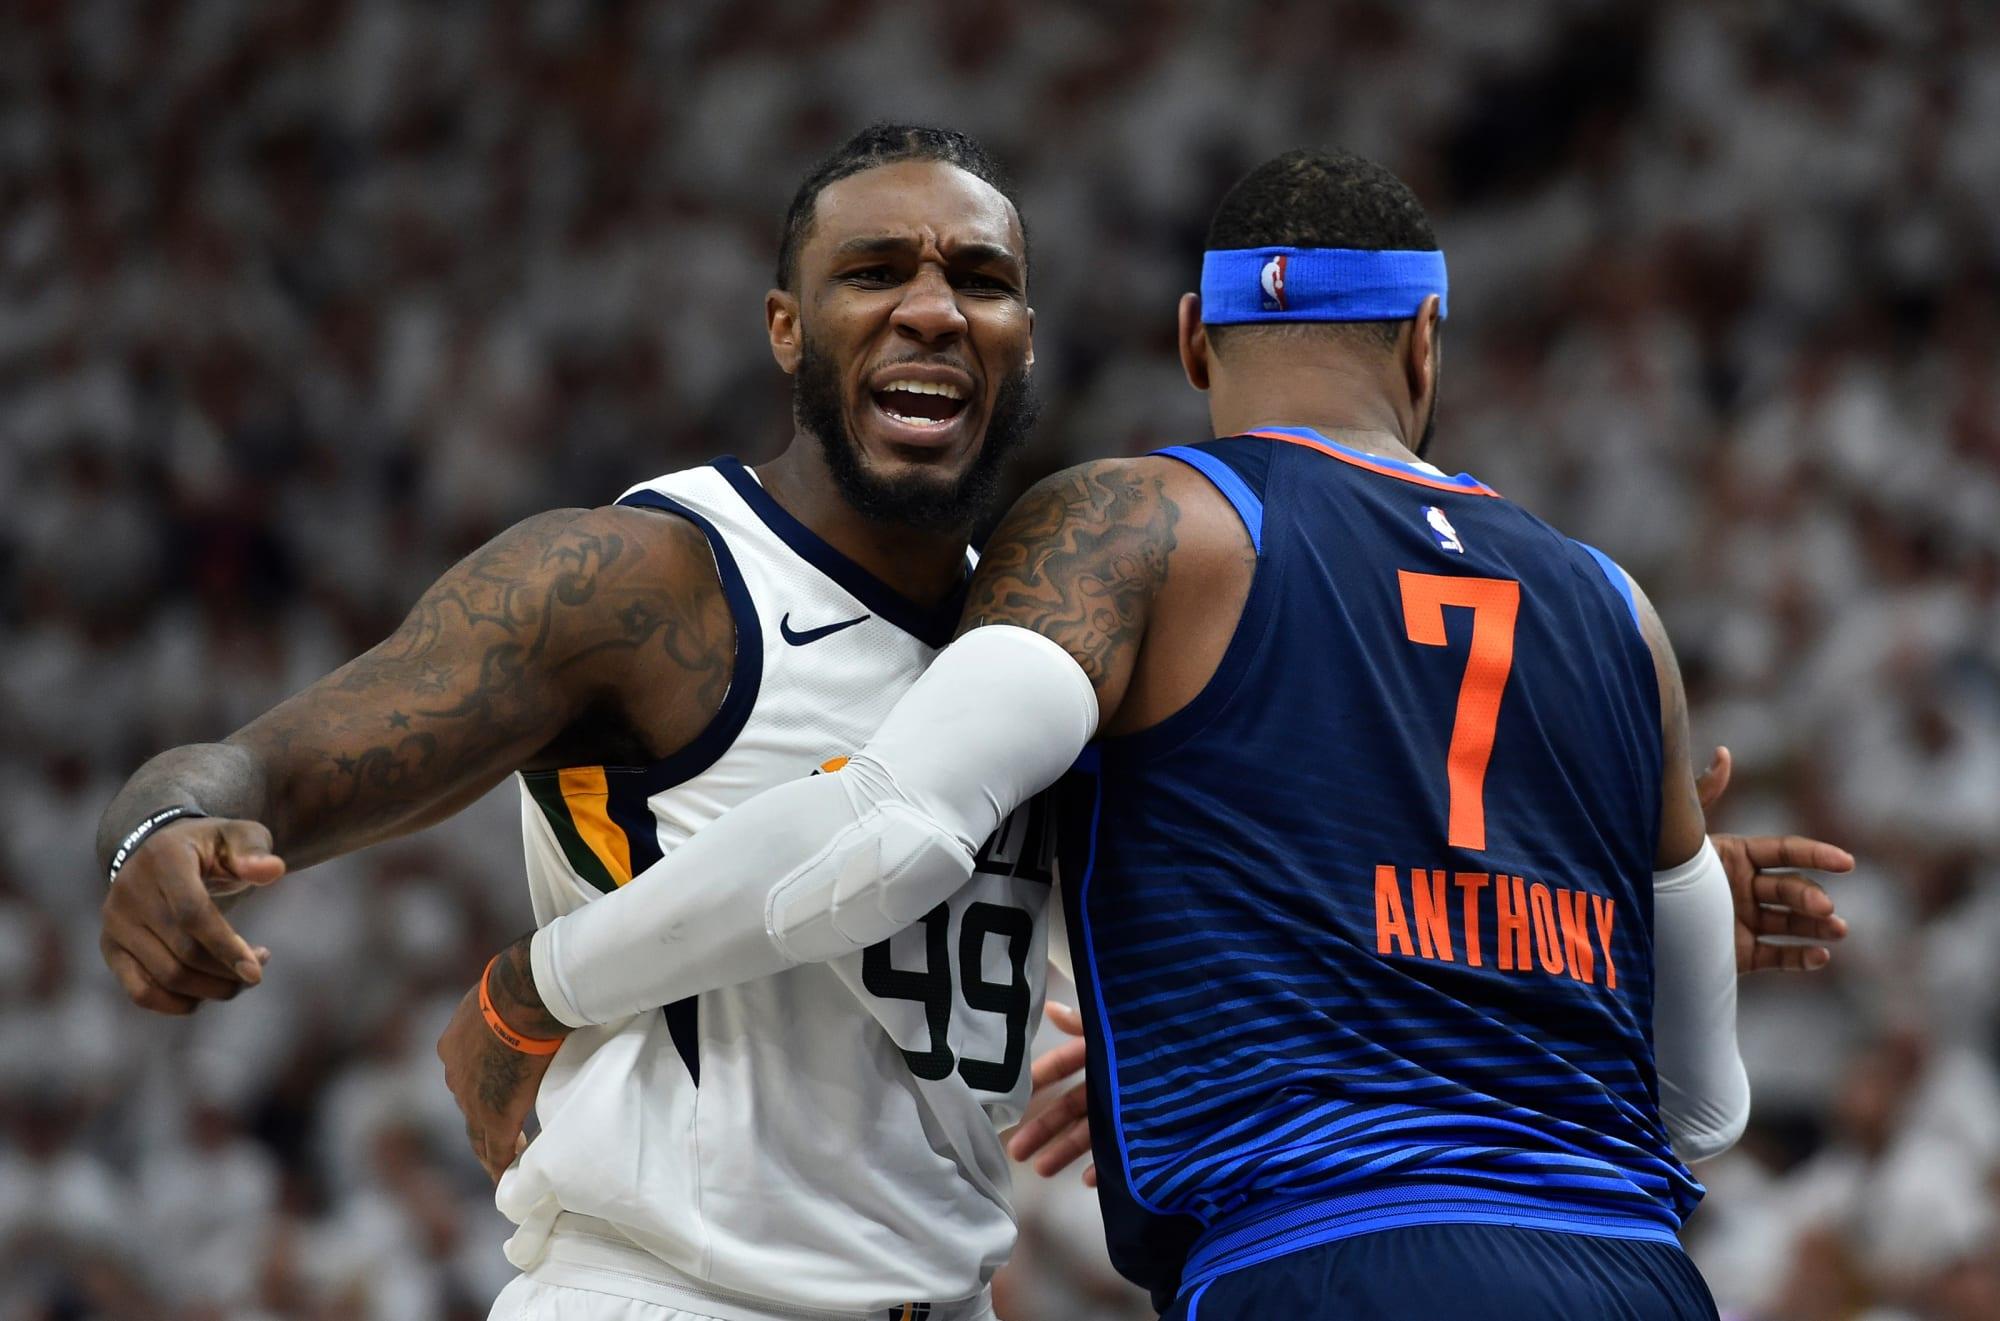 Utah Jazz: 3 takeaways from Game 4 vs. Thunder - Page 2